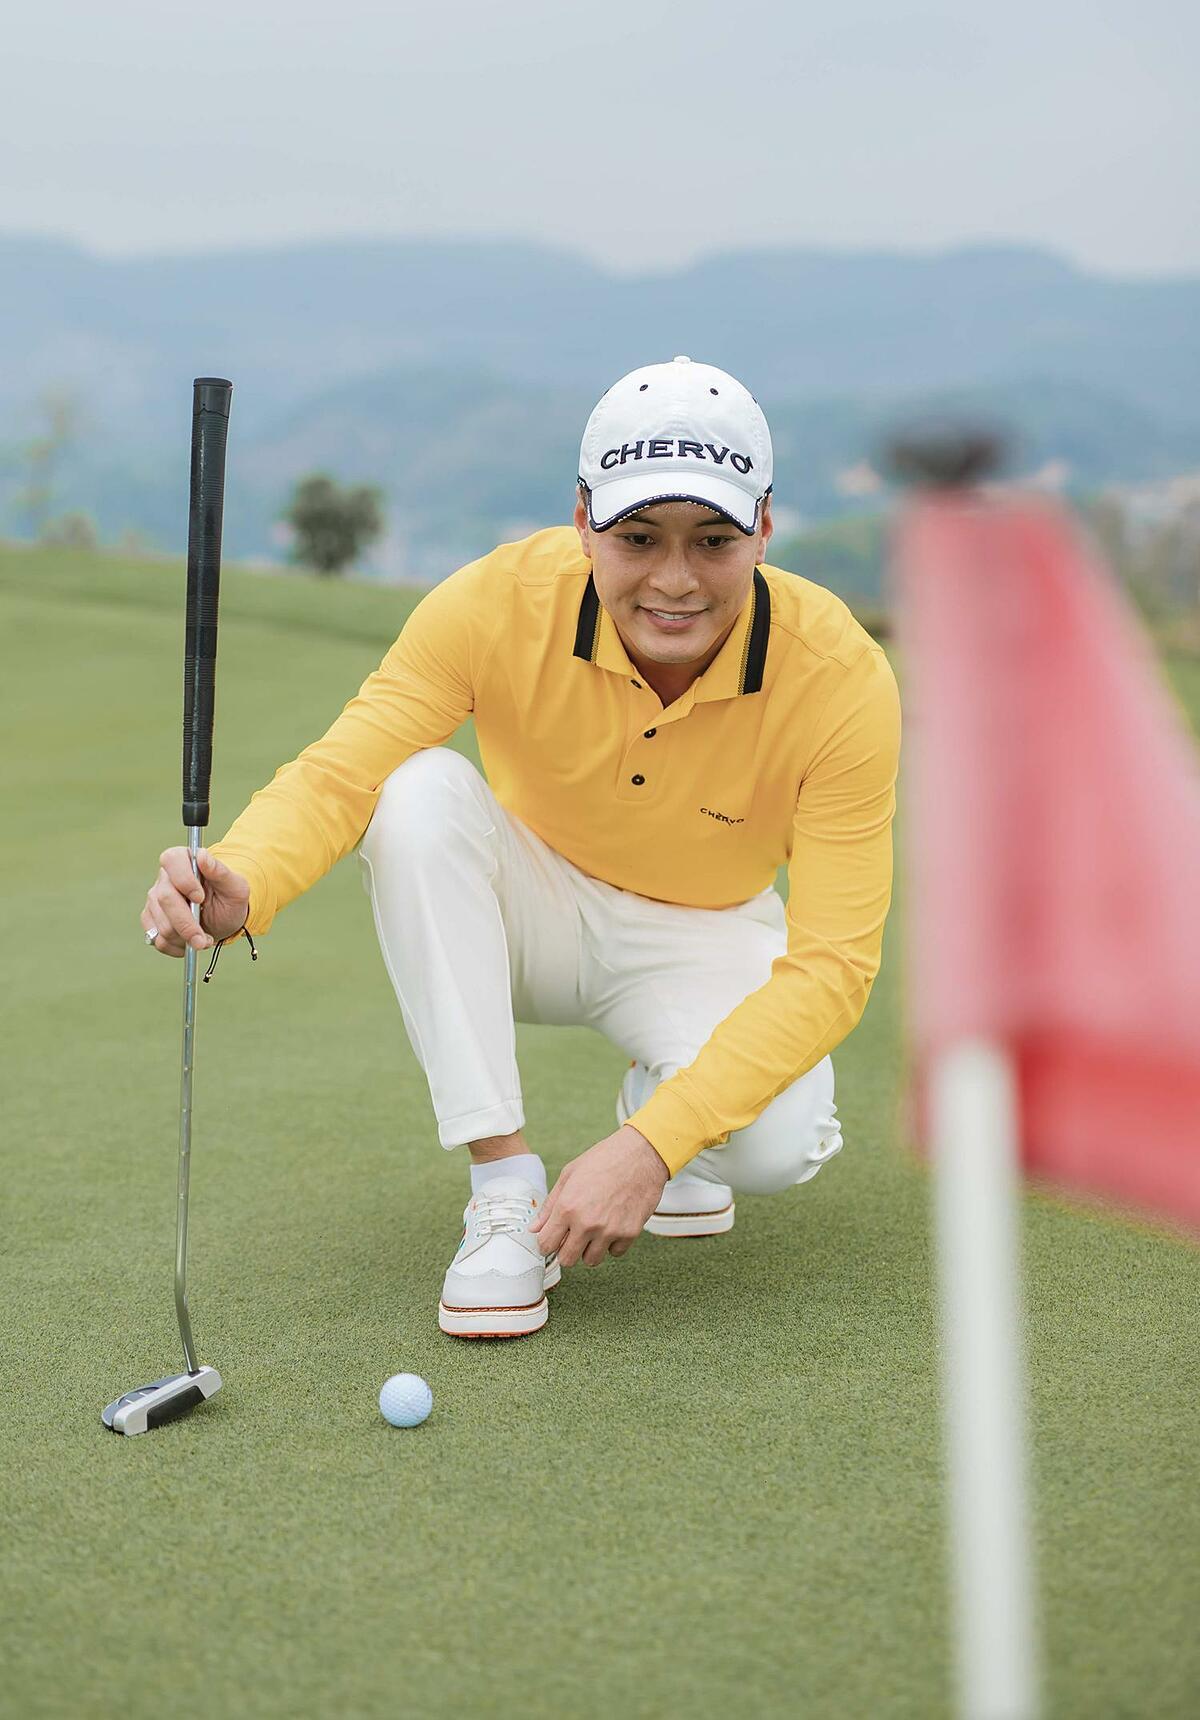 Là một người yêu thích Chervo, nam diễn viên Zippo, mù tạt và em không ngại sắm cả bộ sưu tập áo polo ngắn tay dành cho mùa hè, dài tay cho mùa đông đủ màu sắc để diện khi chơi golf và dạo phố.